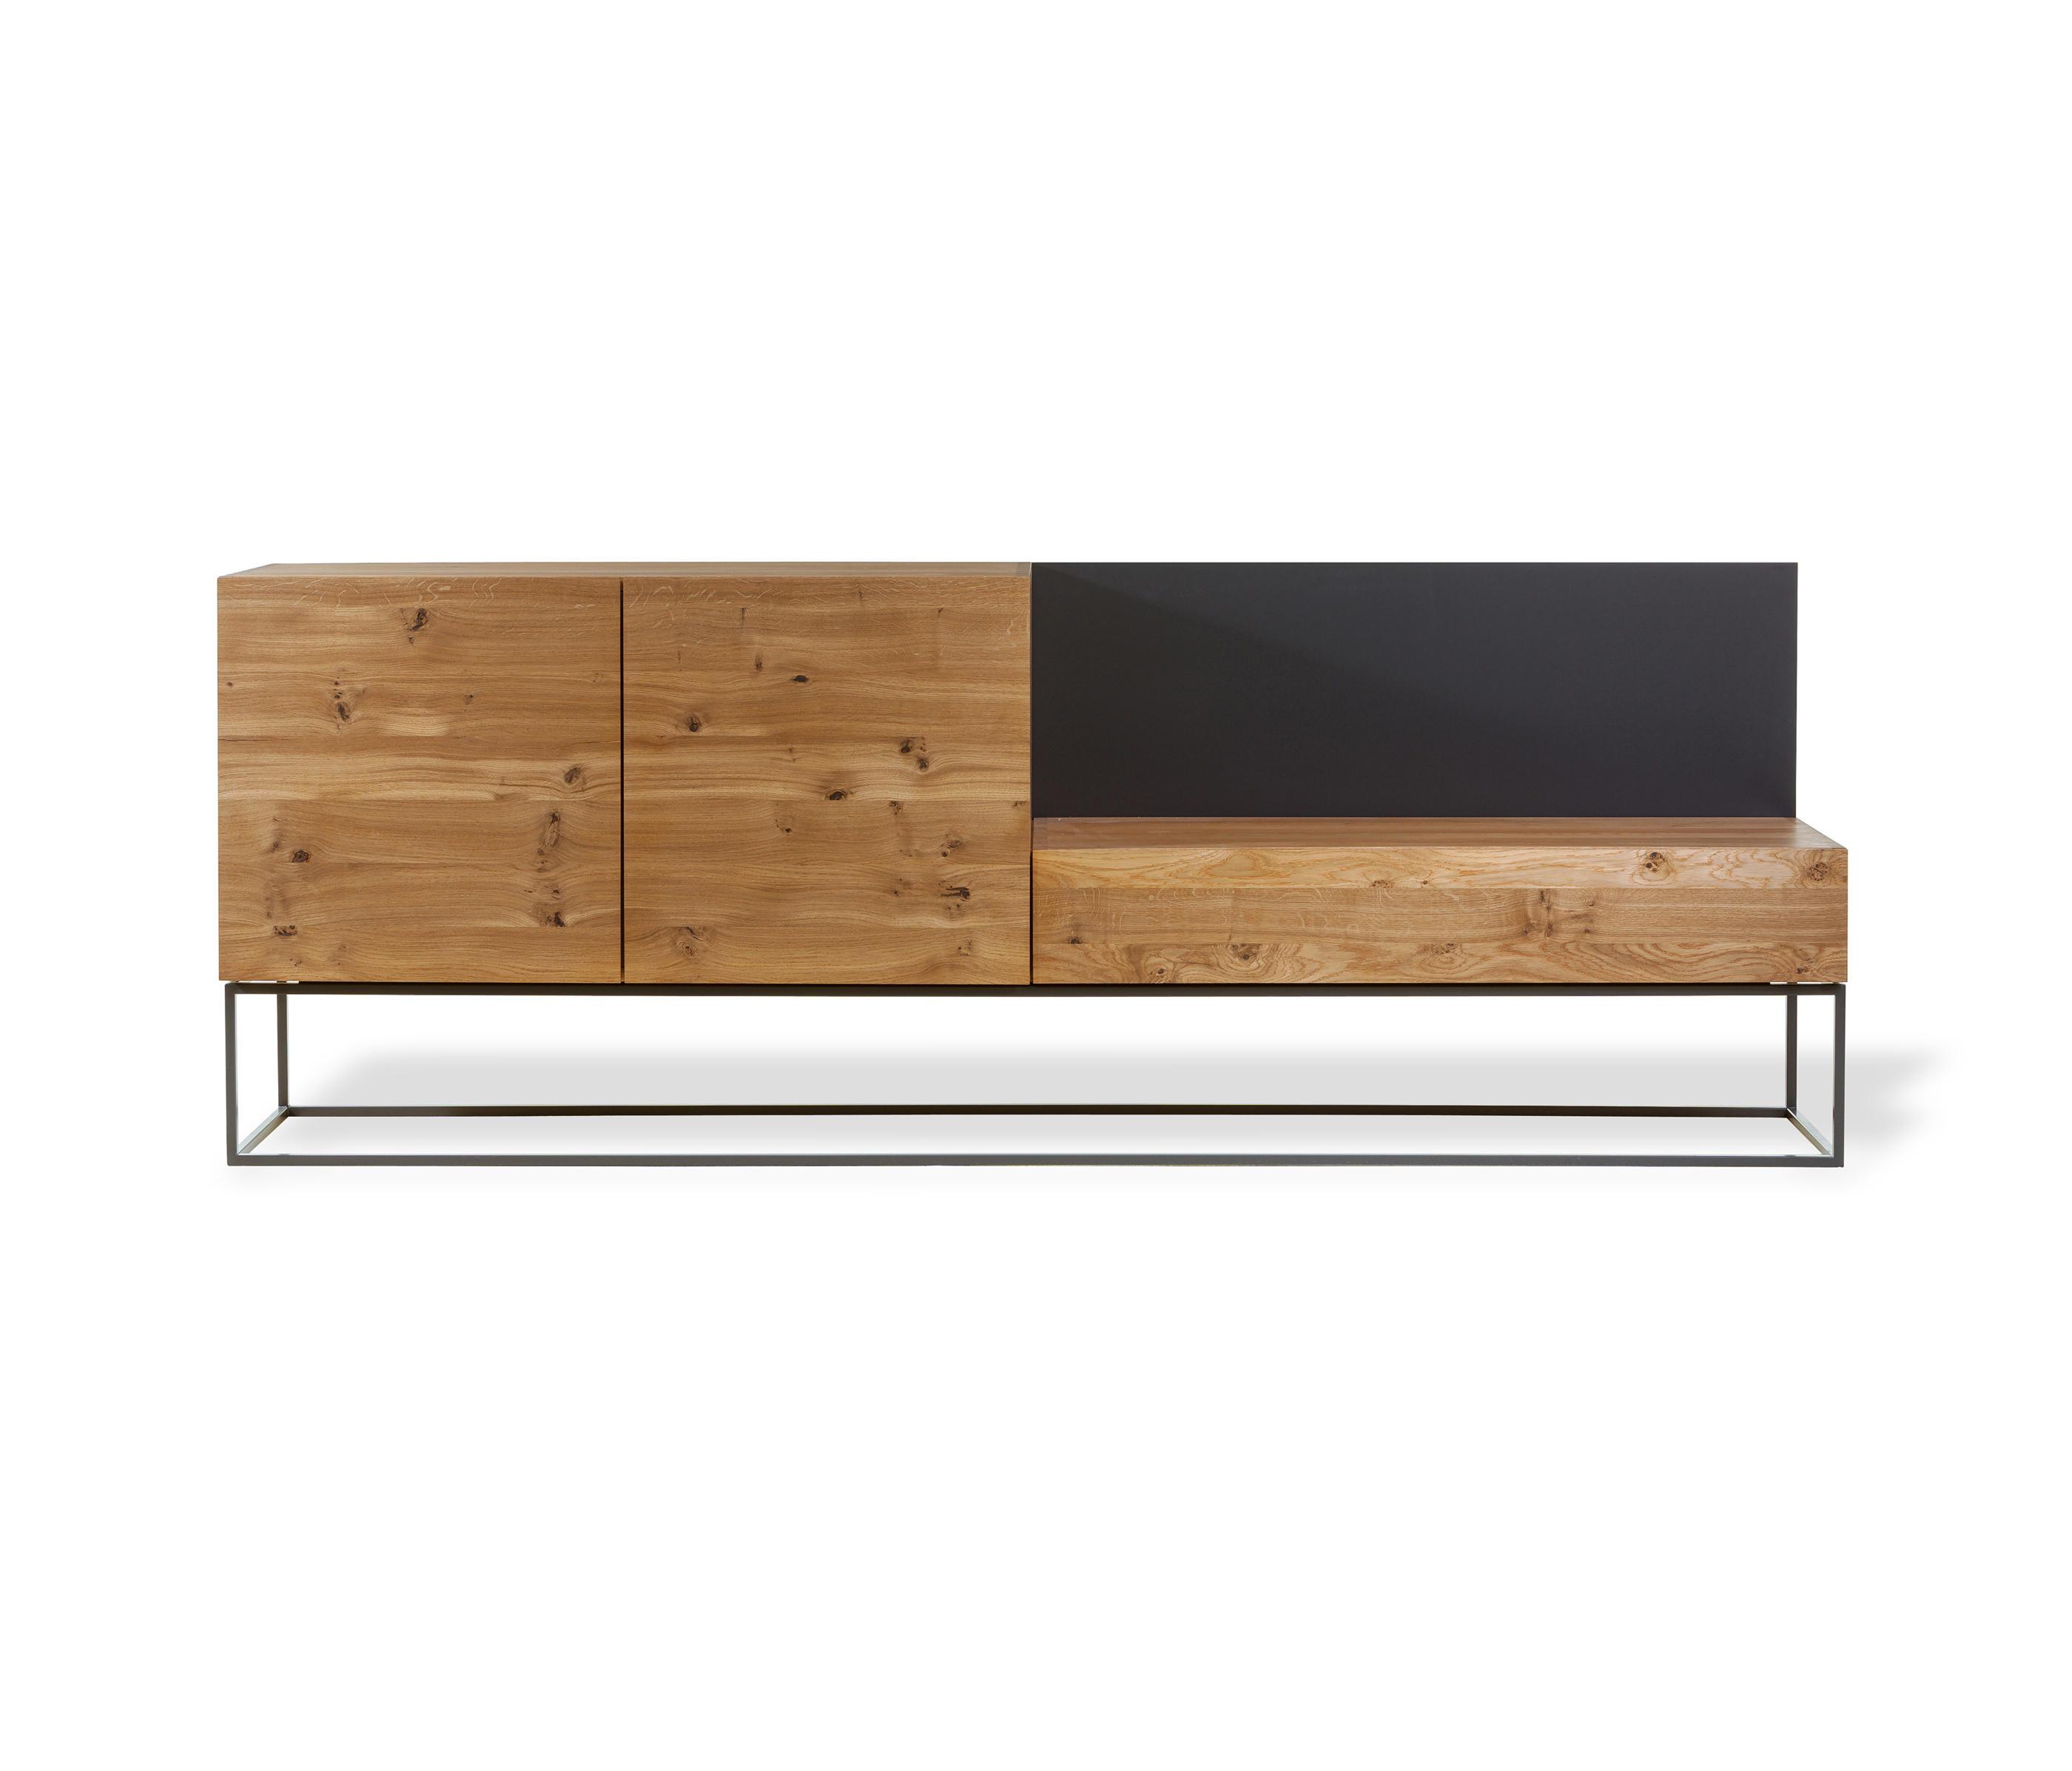 kuub medienanrichte multimedia sideboards von form. Black Bedroom Furniture Sets. Home Design Ideas